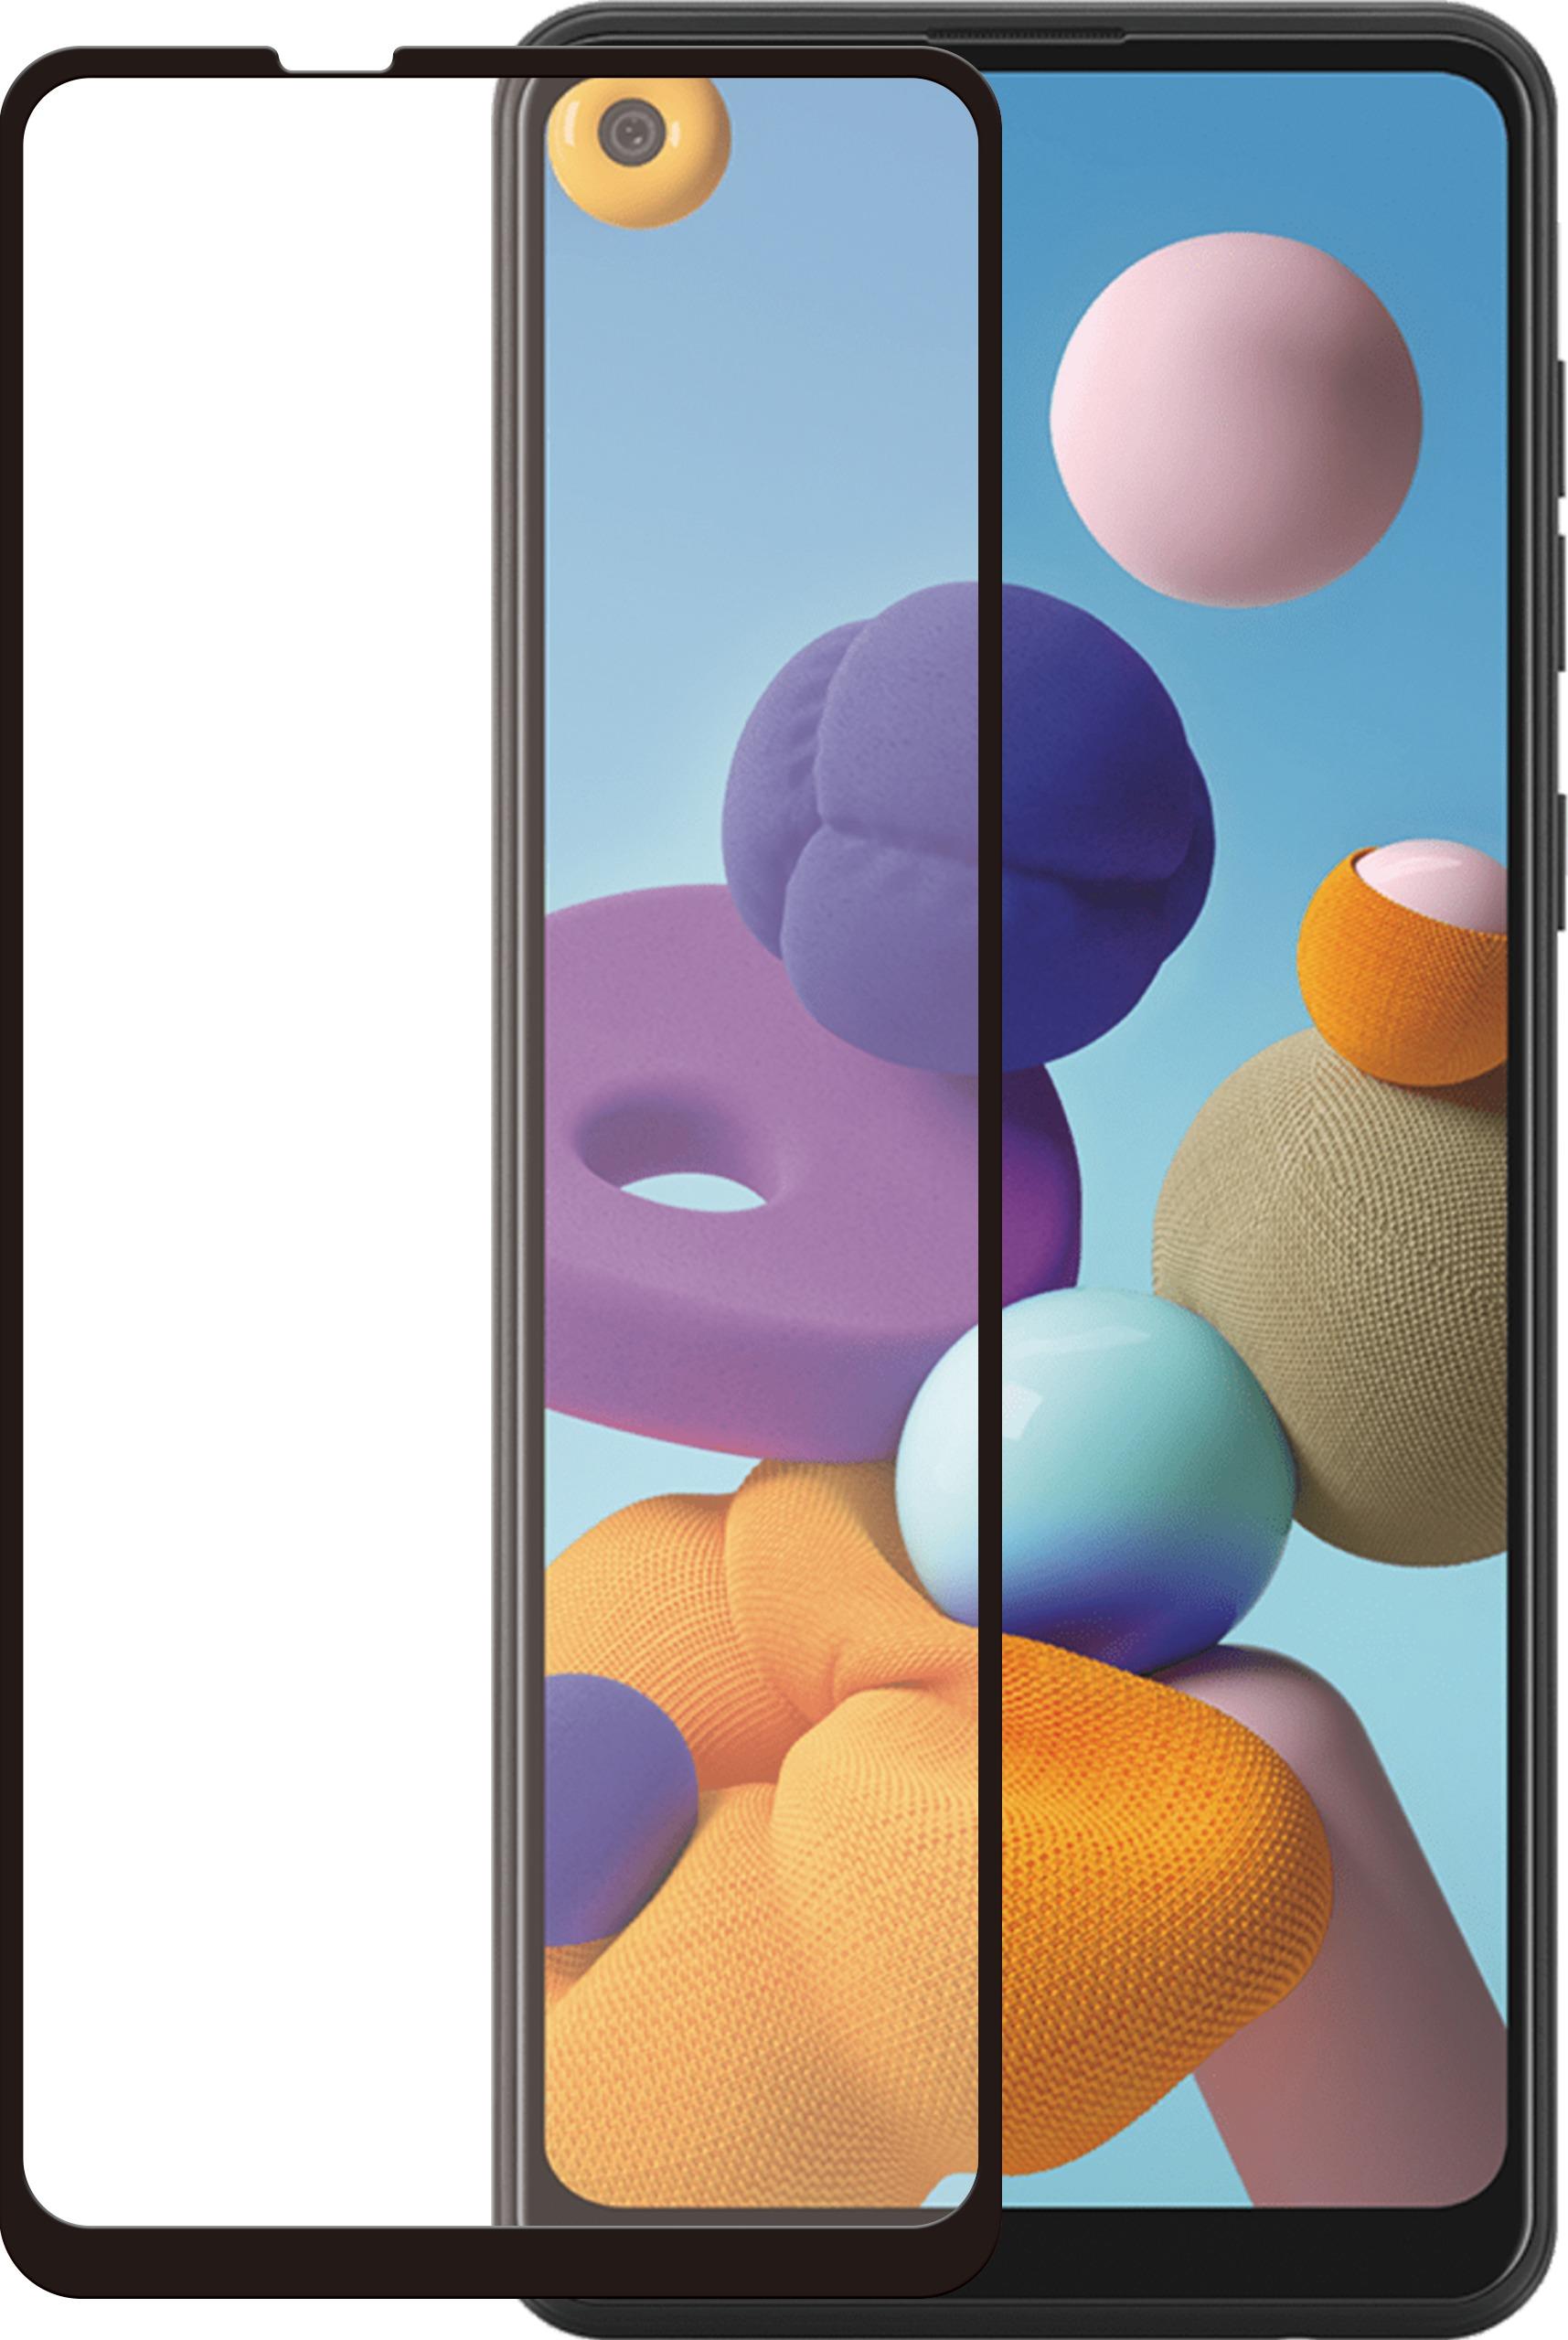 Op UrbanEssentials (wat heb je nodig in de stad?) is alles over telefoons te vinden: waaronder expert en specifiek Azuri Curved Tempered Glass RINOX ARMOR zwart frame voor Samsung A21s Smartphone screenprotector